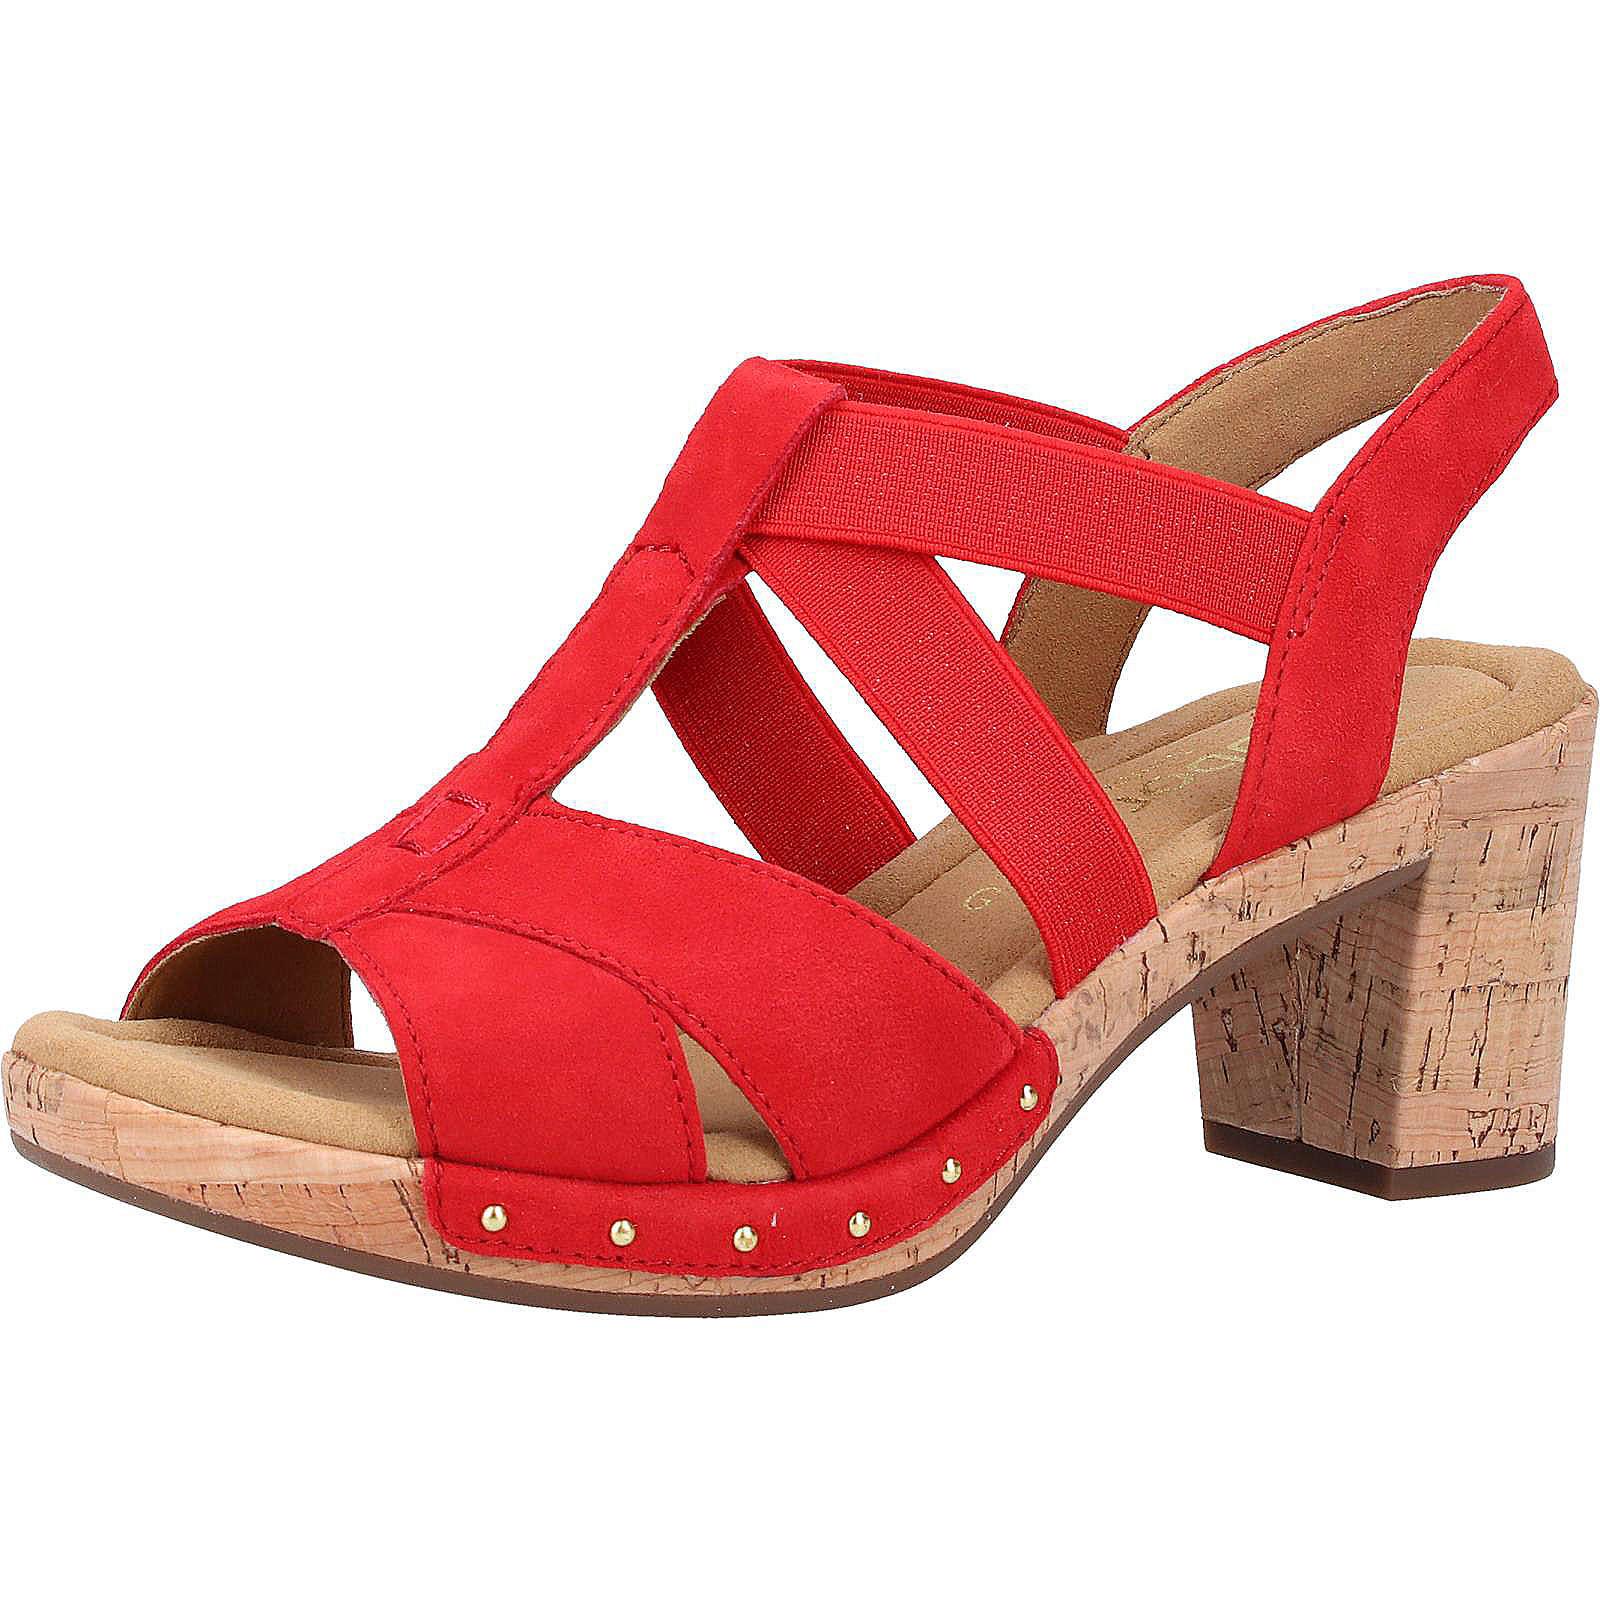 Gabor Sandalen Klassische Sandaletten rot Damen Gr. 38,5